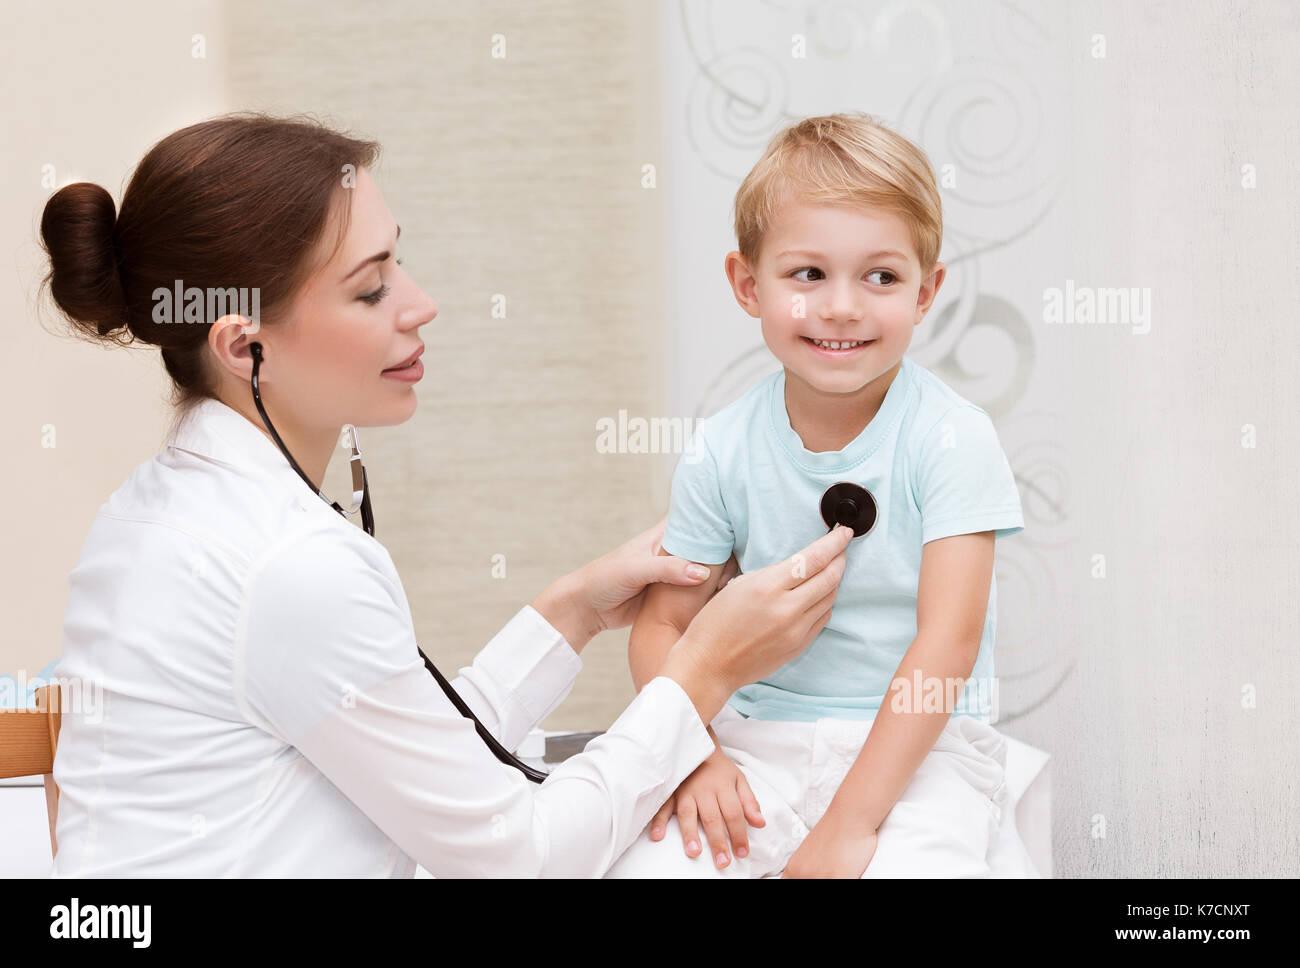 Little Boy Hold Stethoscope Listen To Doctor Heart Stock